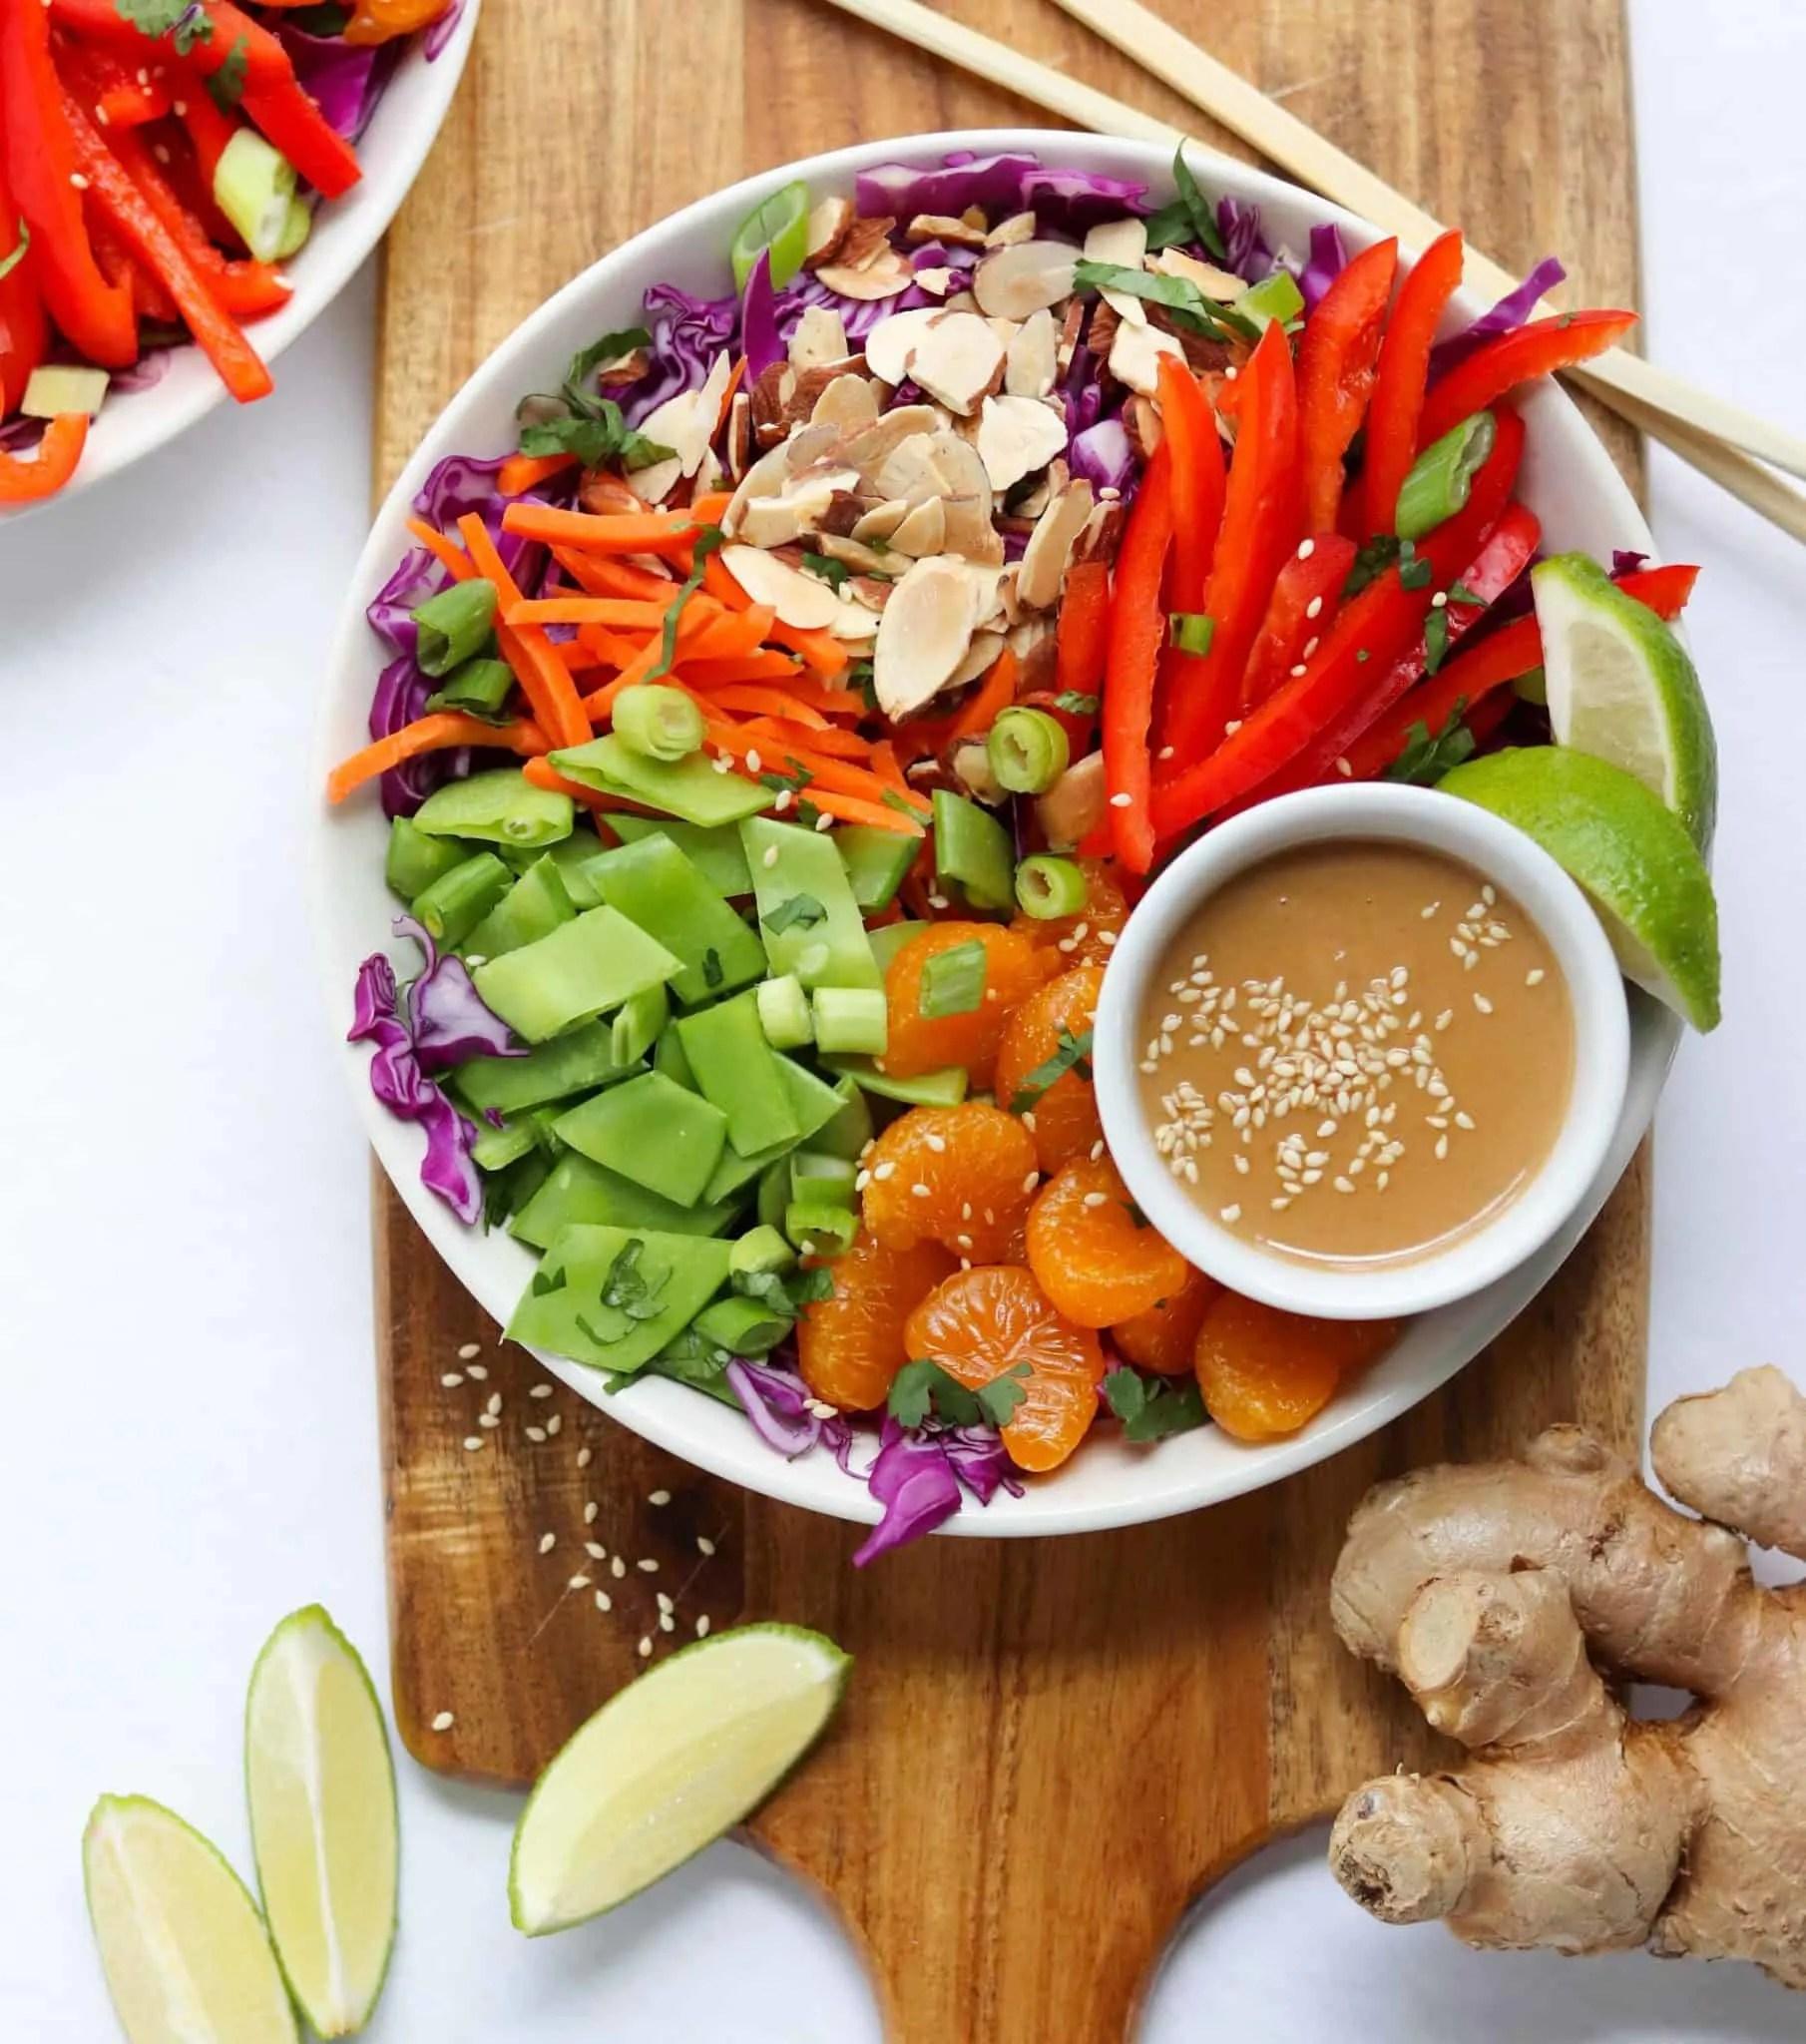 Vegan salad lunch recipe